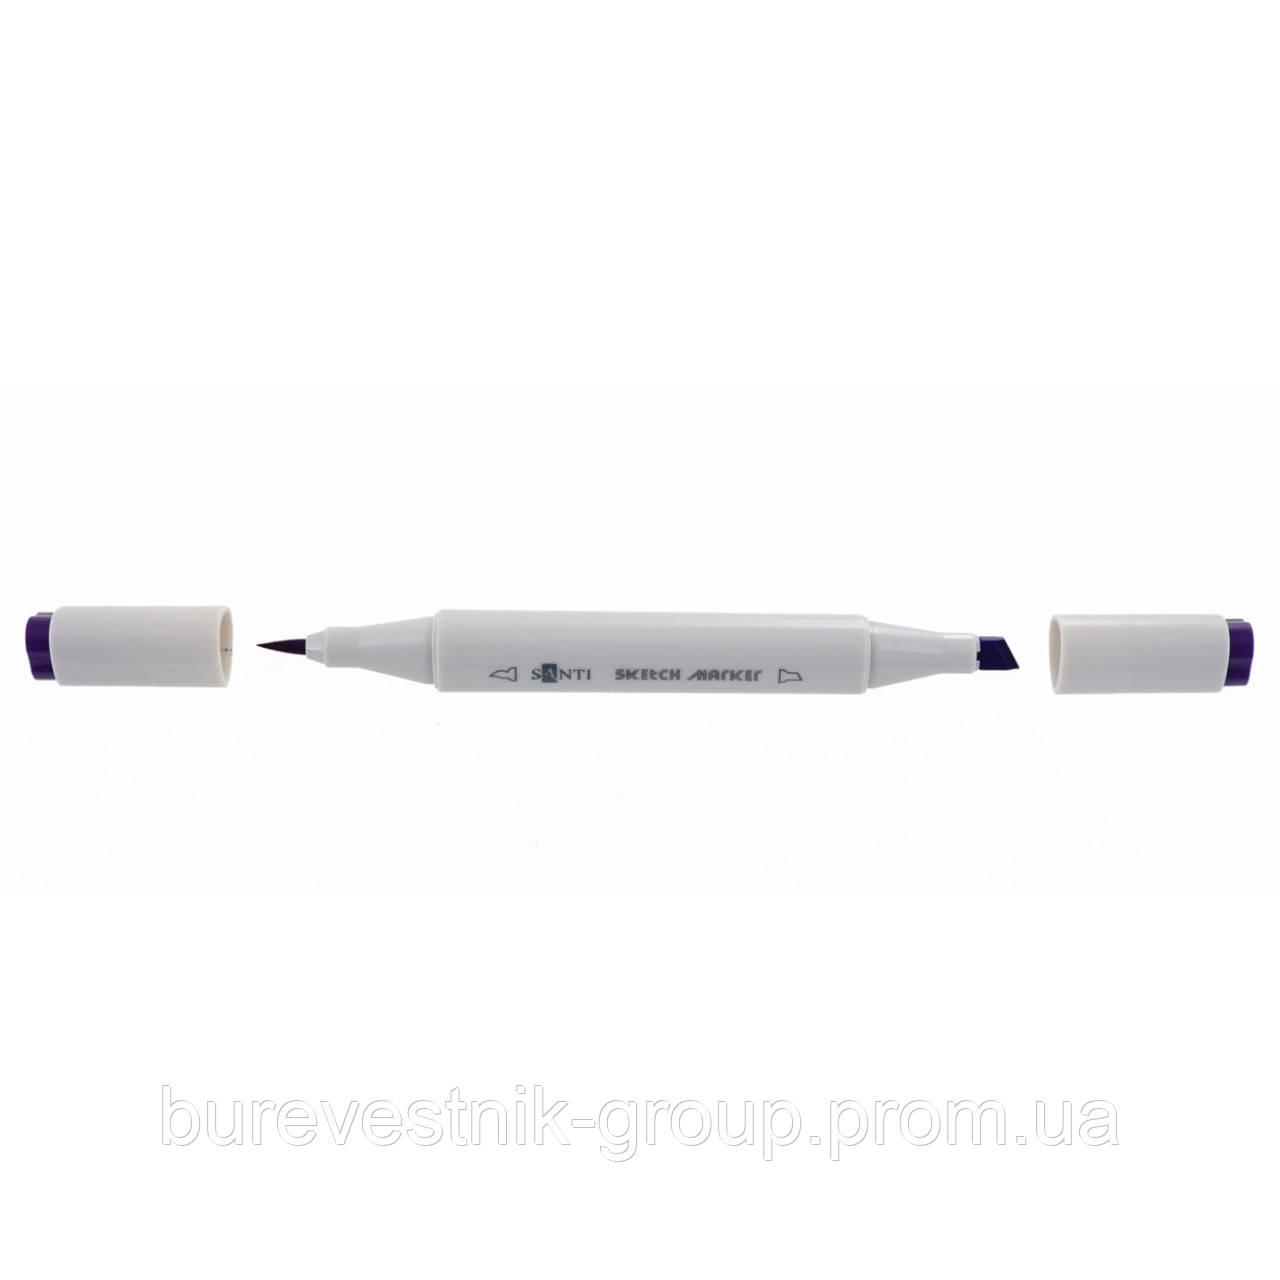 """Художественный акварельный двухсторонний скетч - маркер  (Sketch Marker) """" Santi """" SM-09, фиолетовый"""